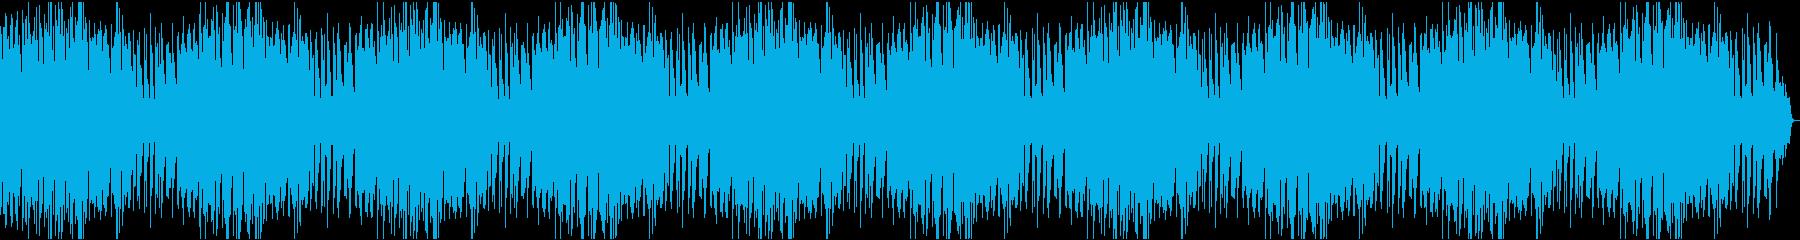 企業VP2 16分16bit44kVerの再生済みの波形